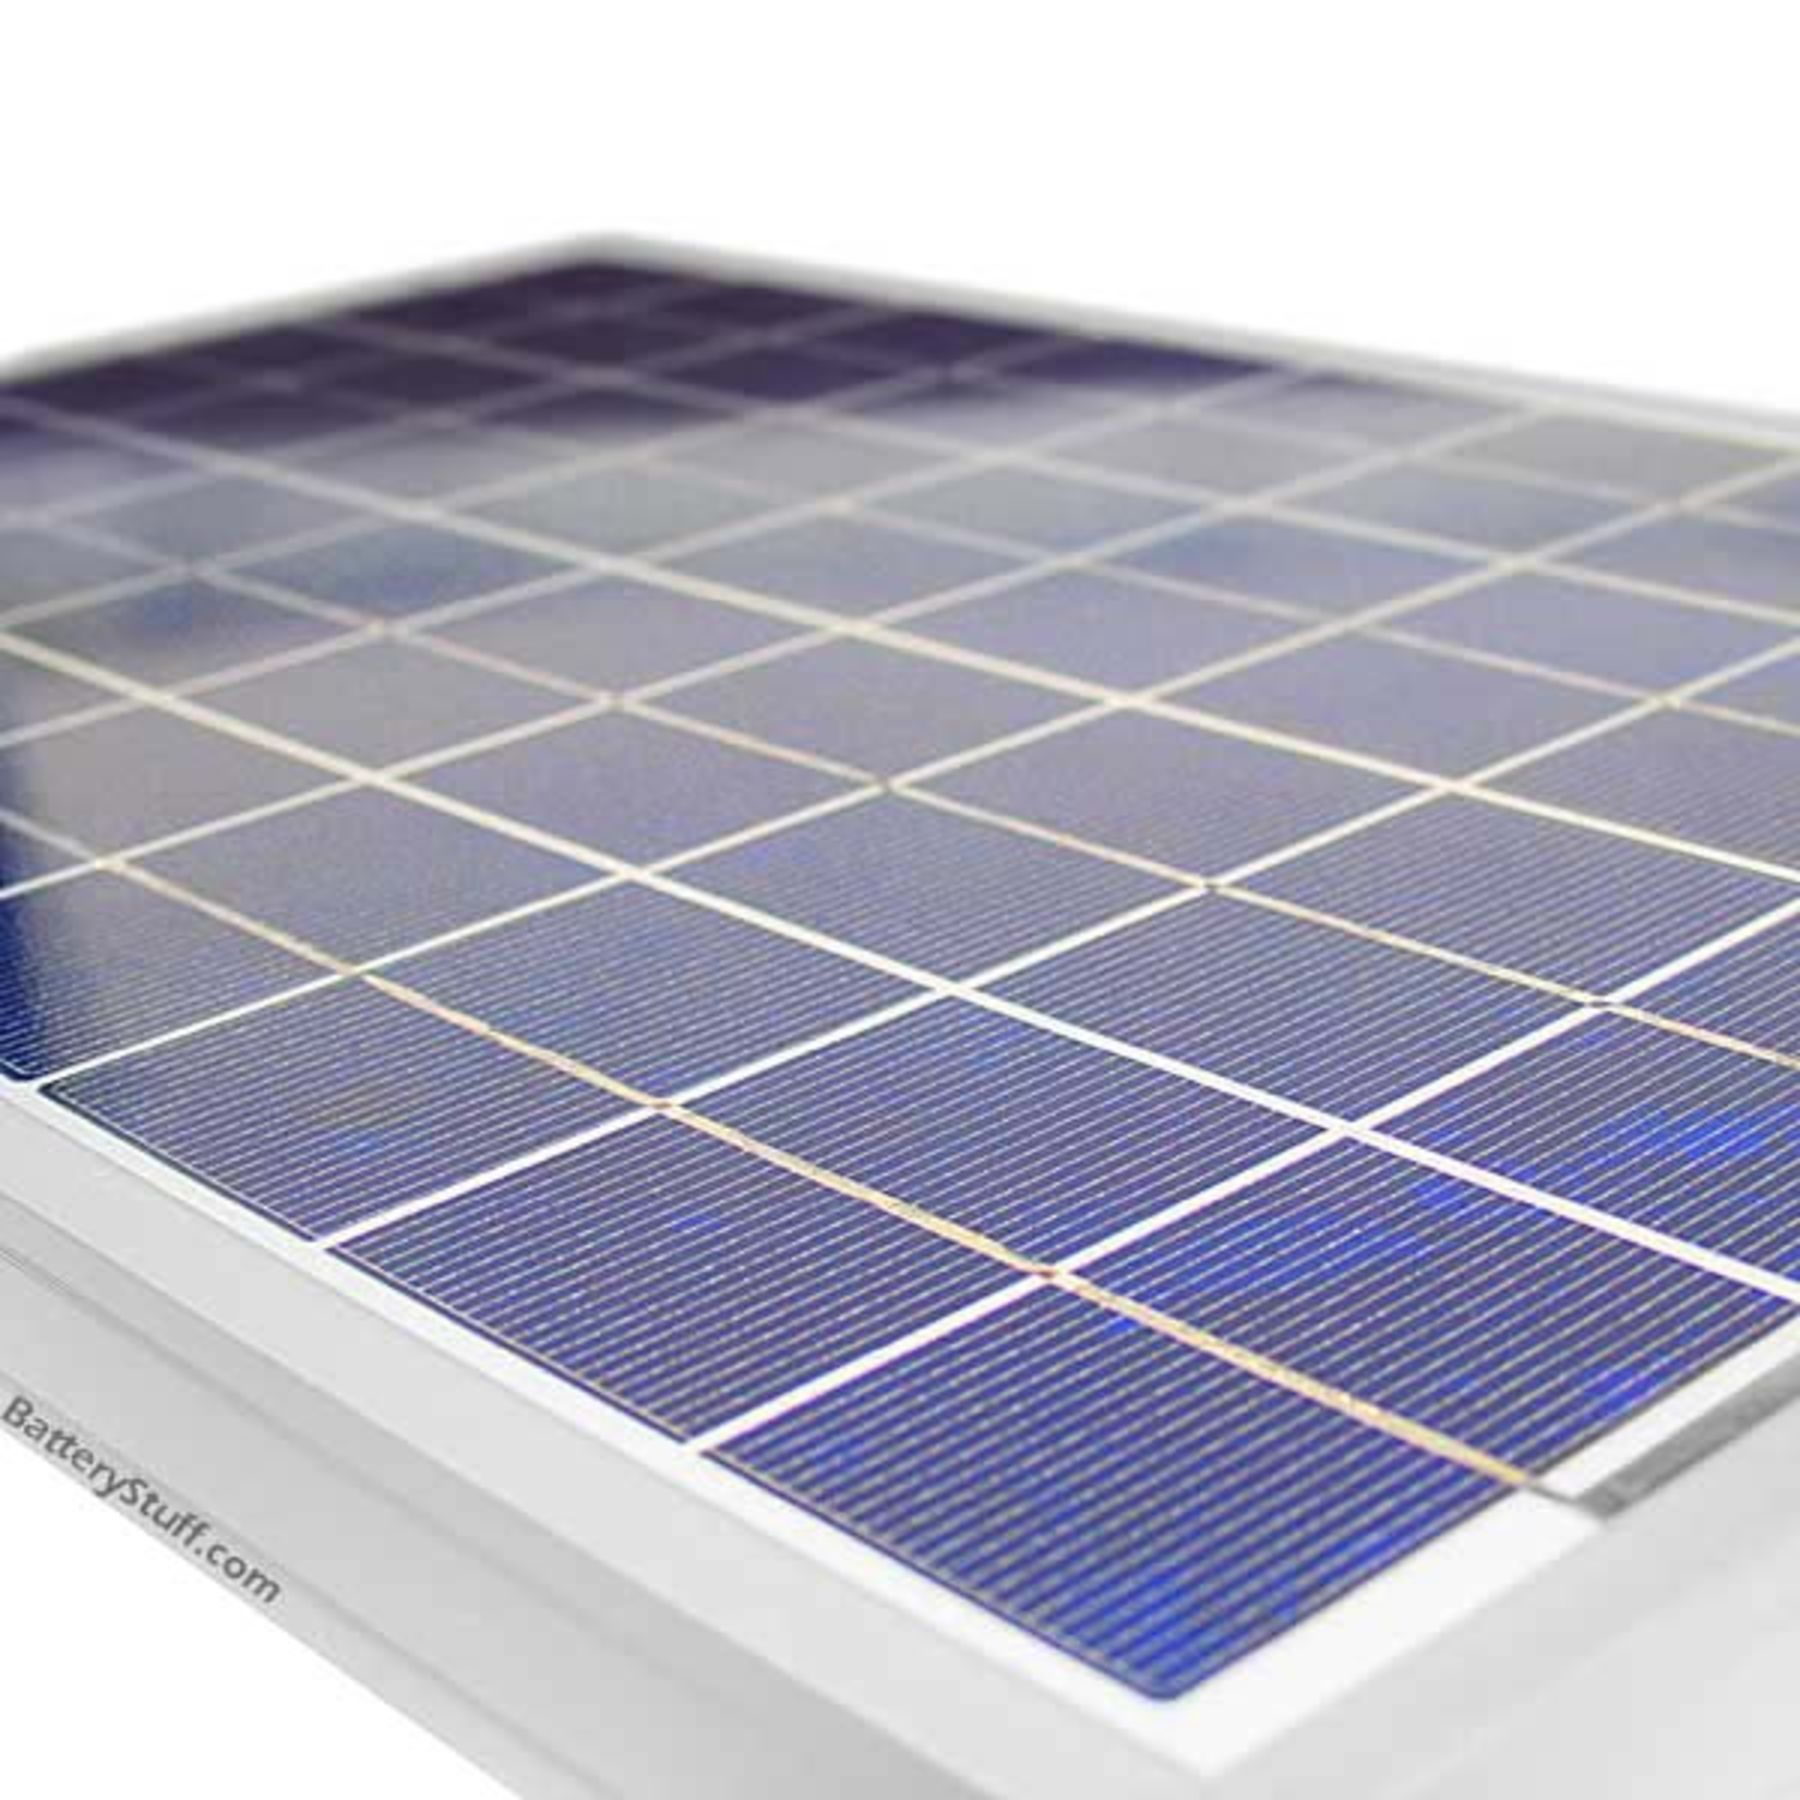 Solarland 12 Volt 20 Watt Solar Panel